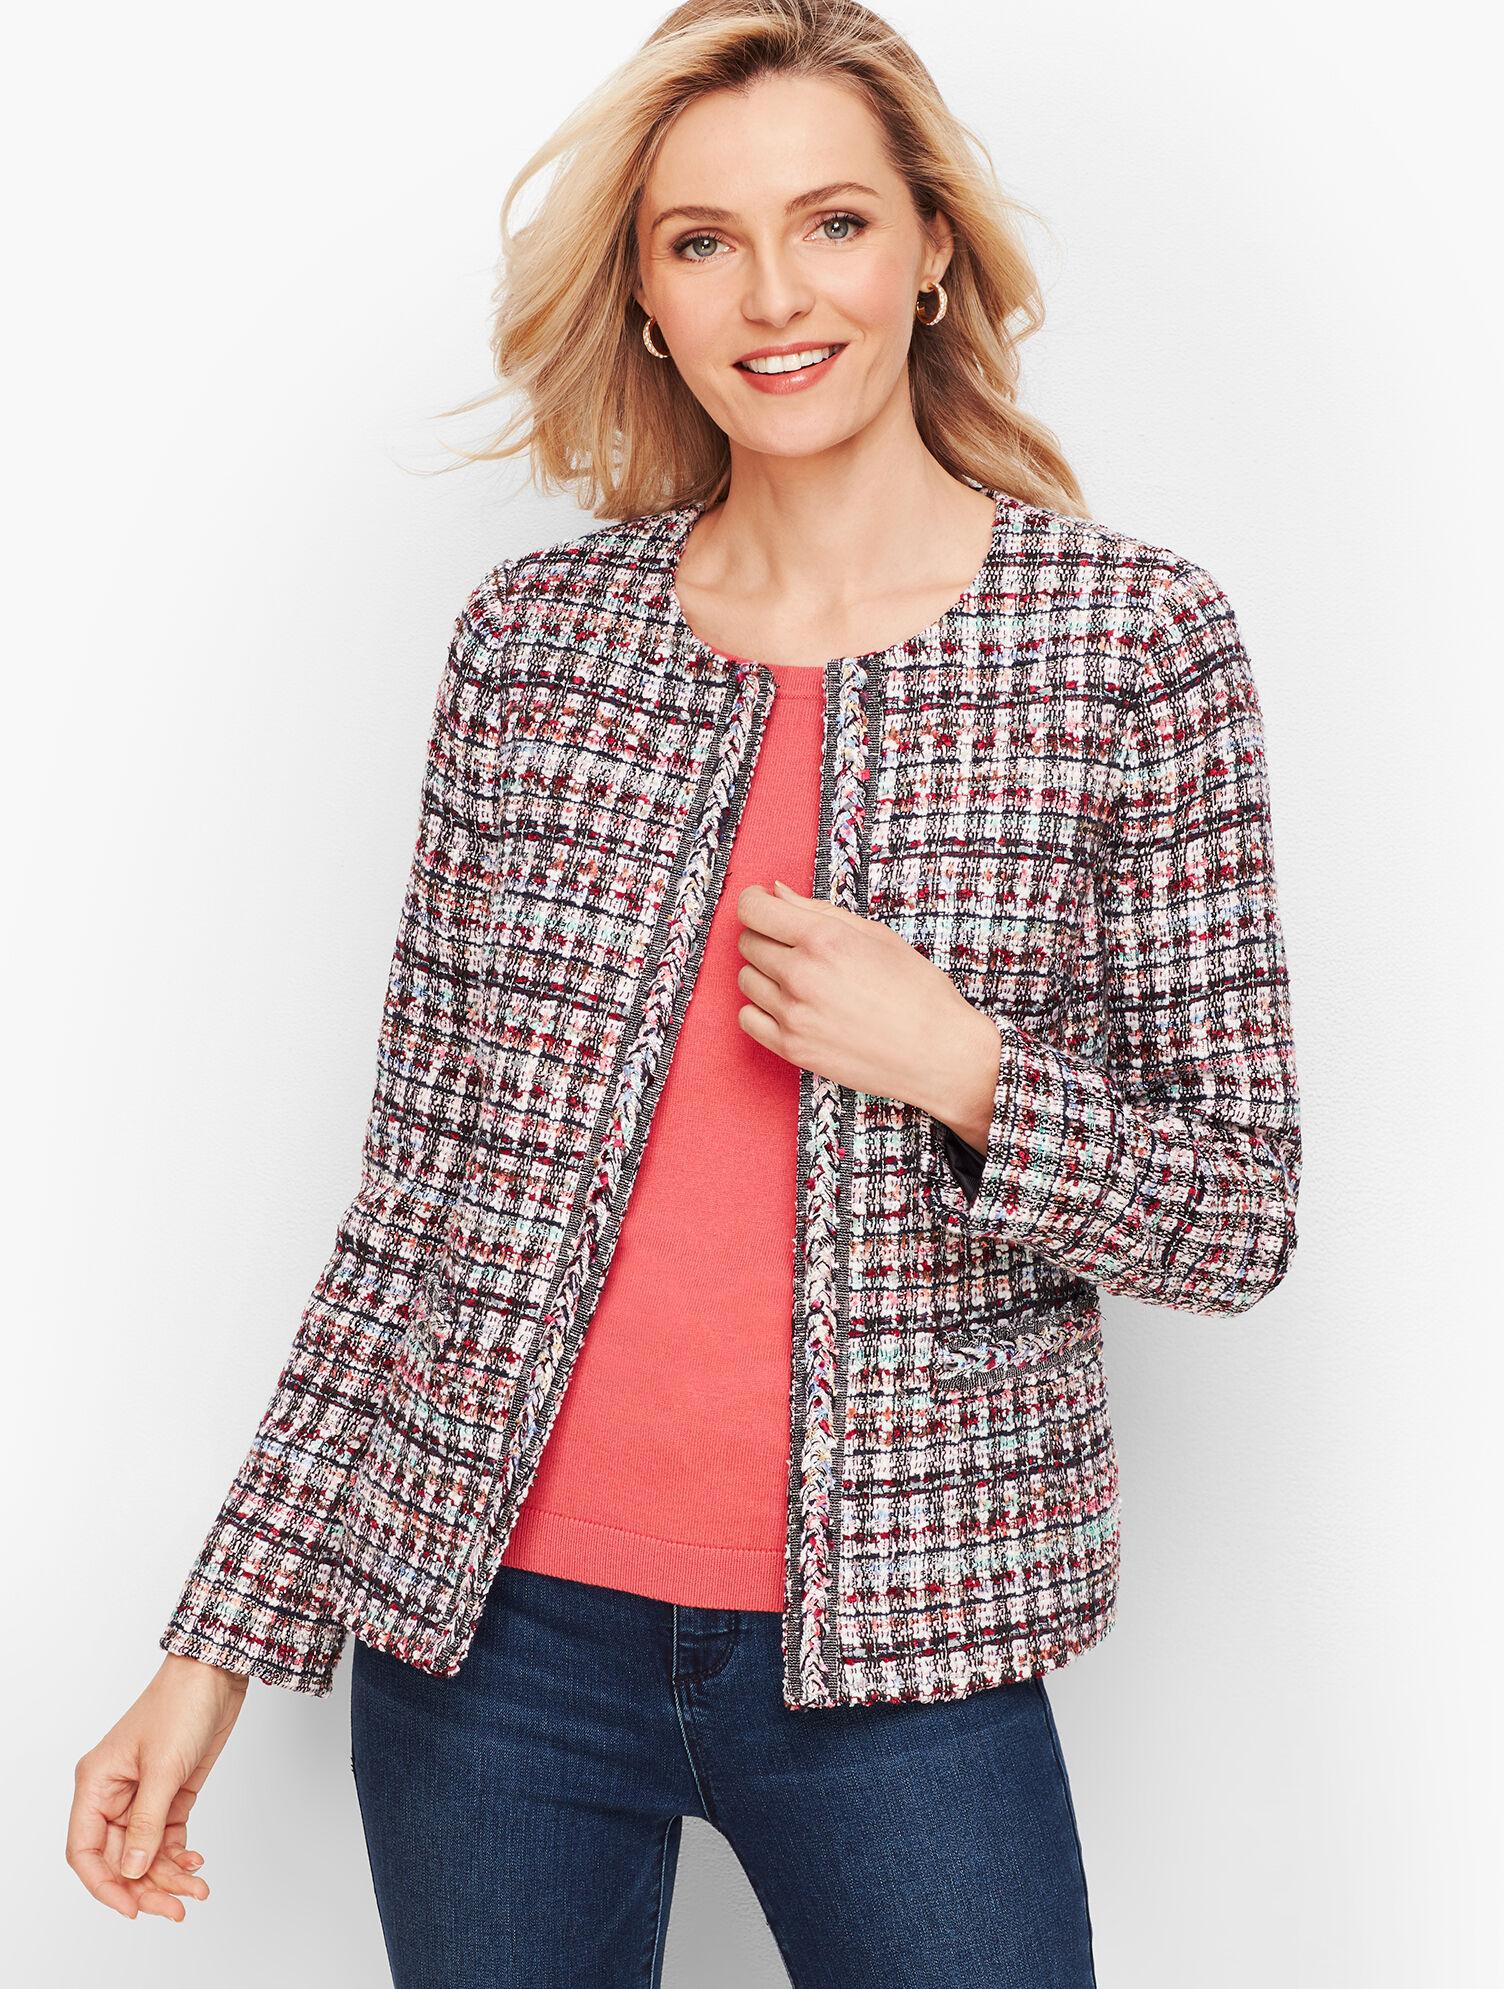 Adele Tweed Jacket